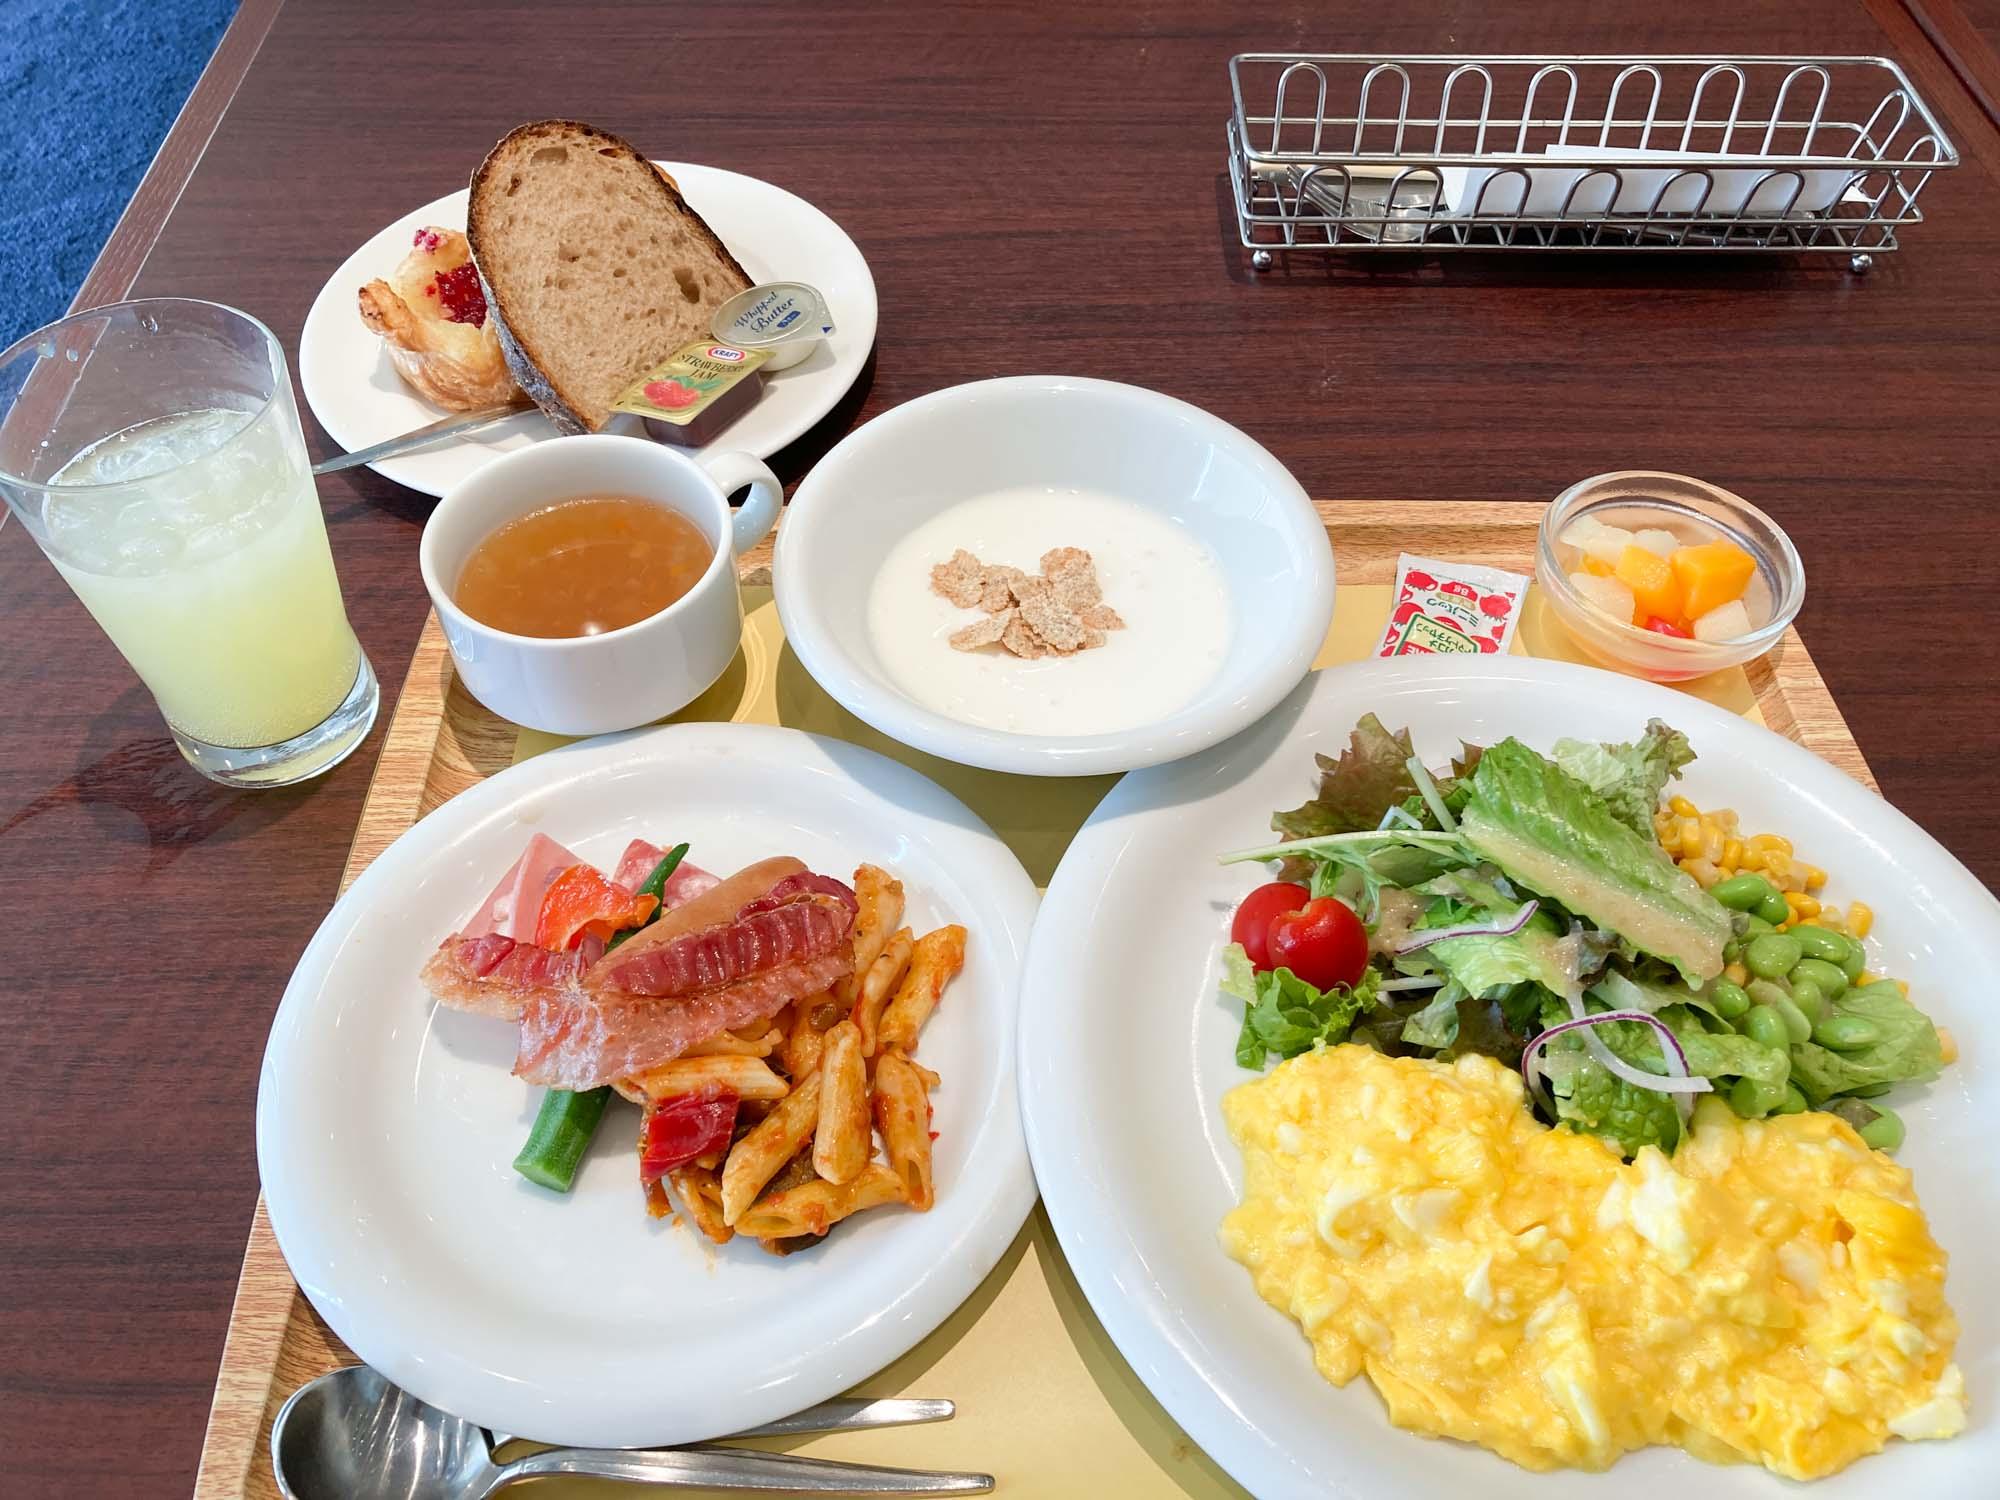 こちらのロイヤルホストでは、宿泊者限定で、朝食をいただくこともできるんです。